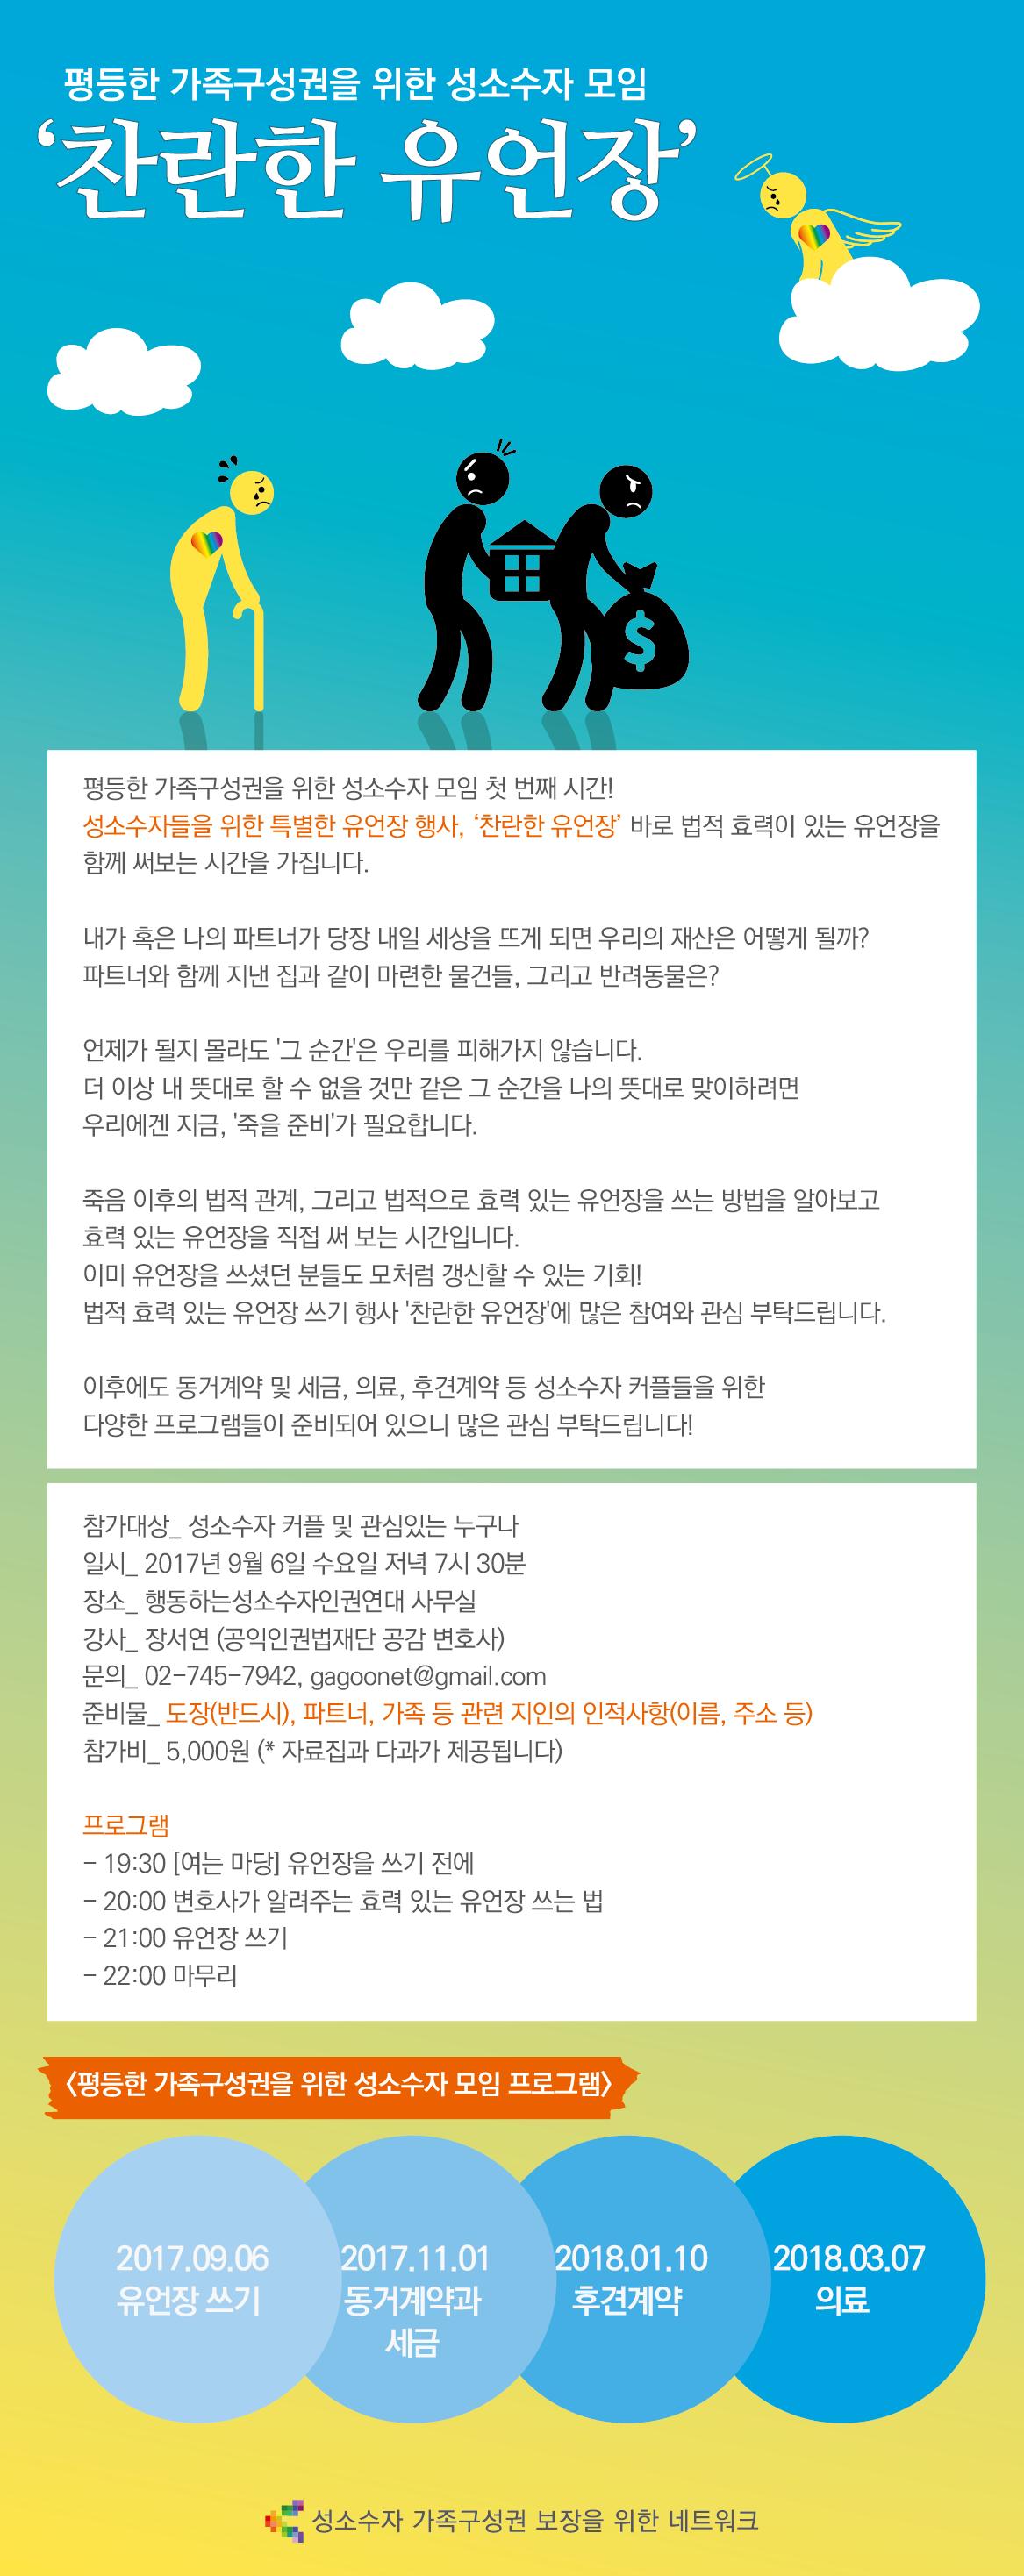 2017 가구넷 커플모임_유언장